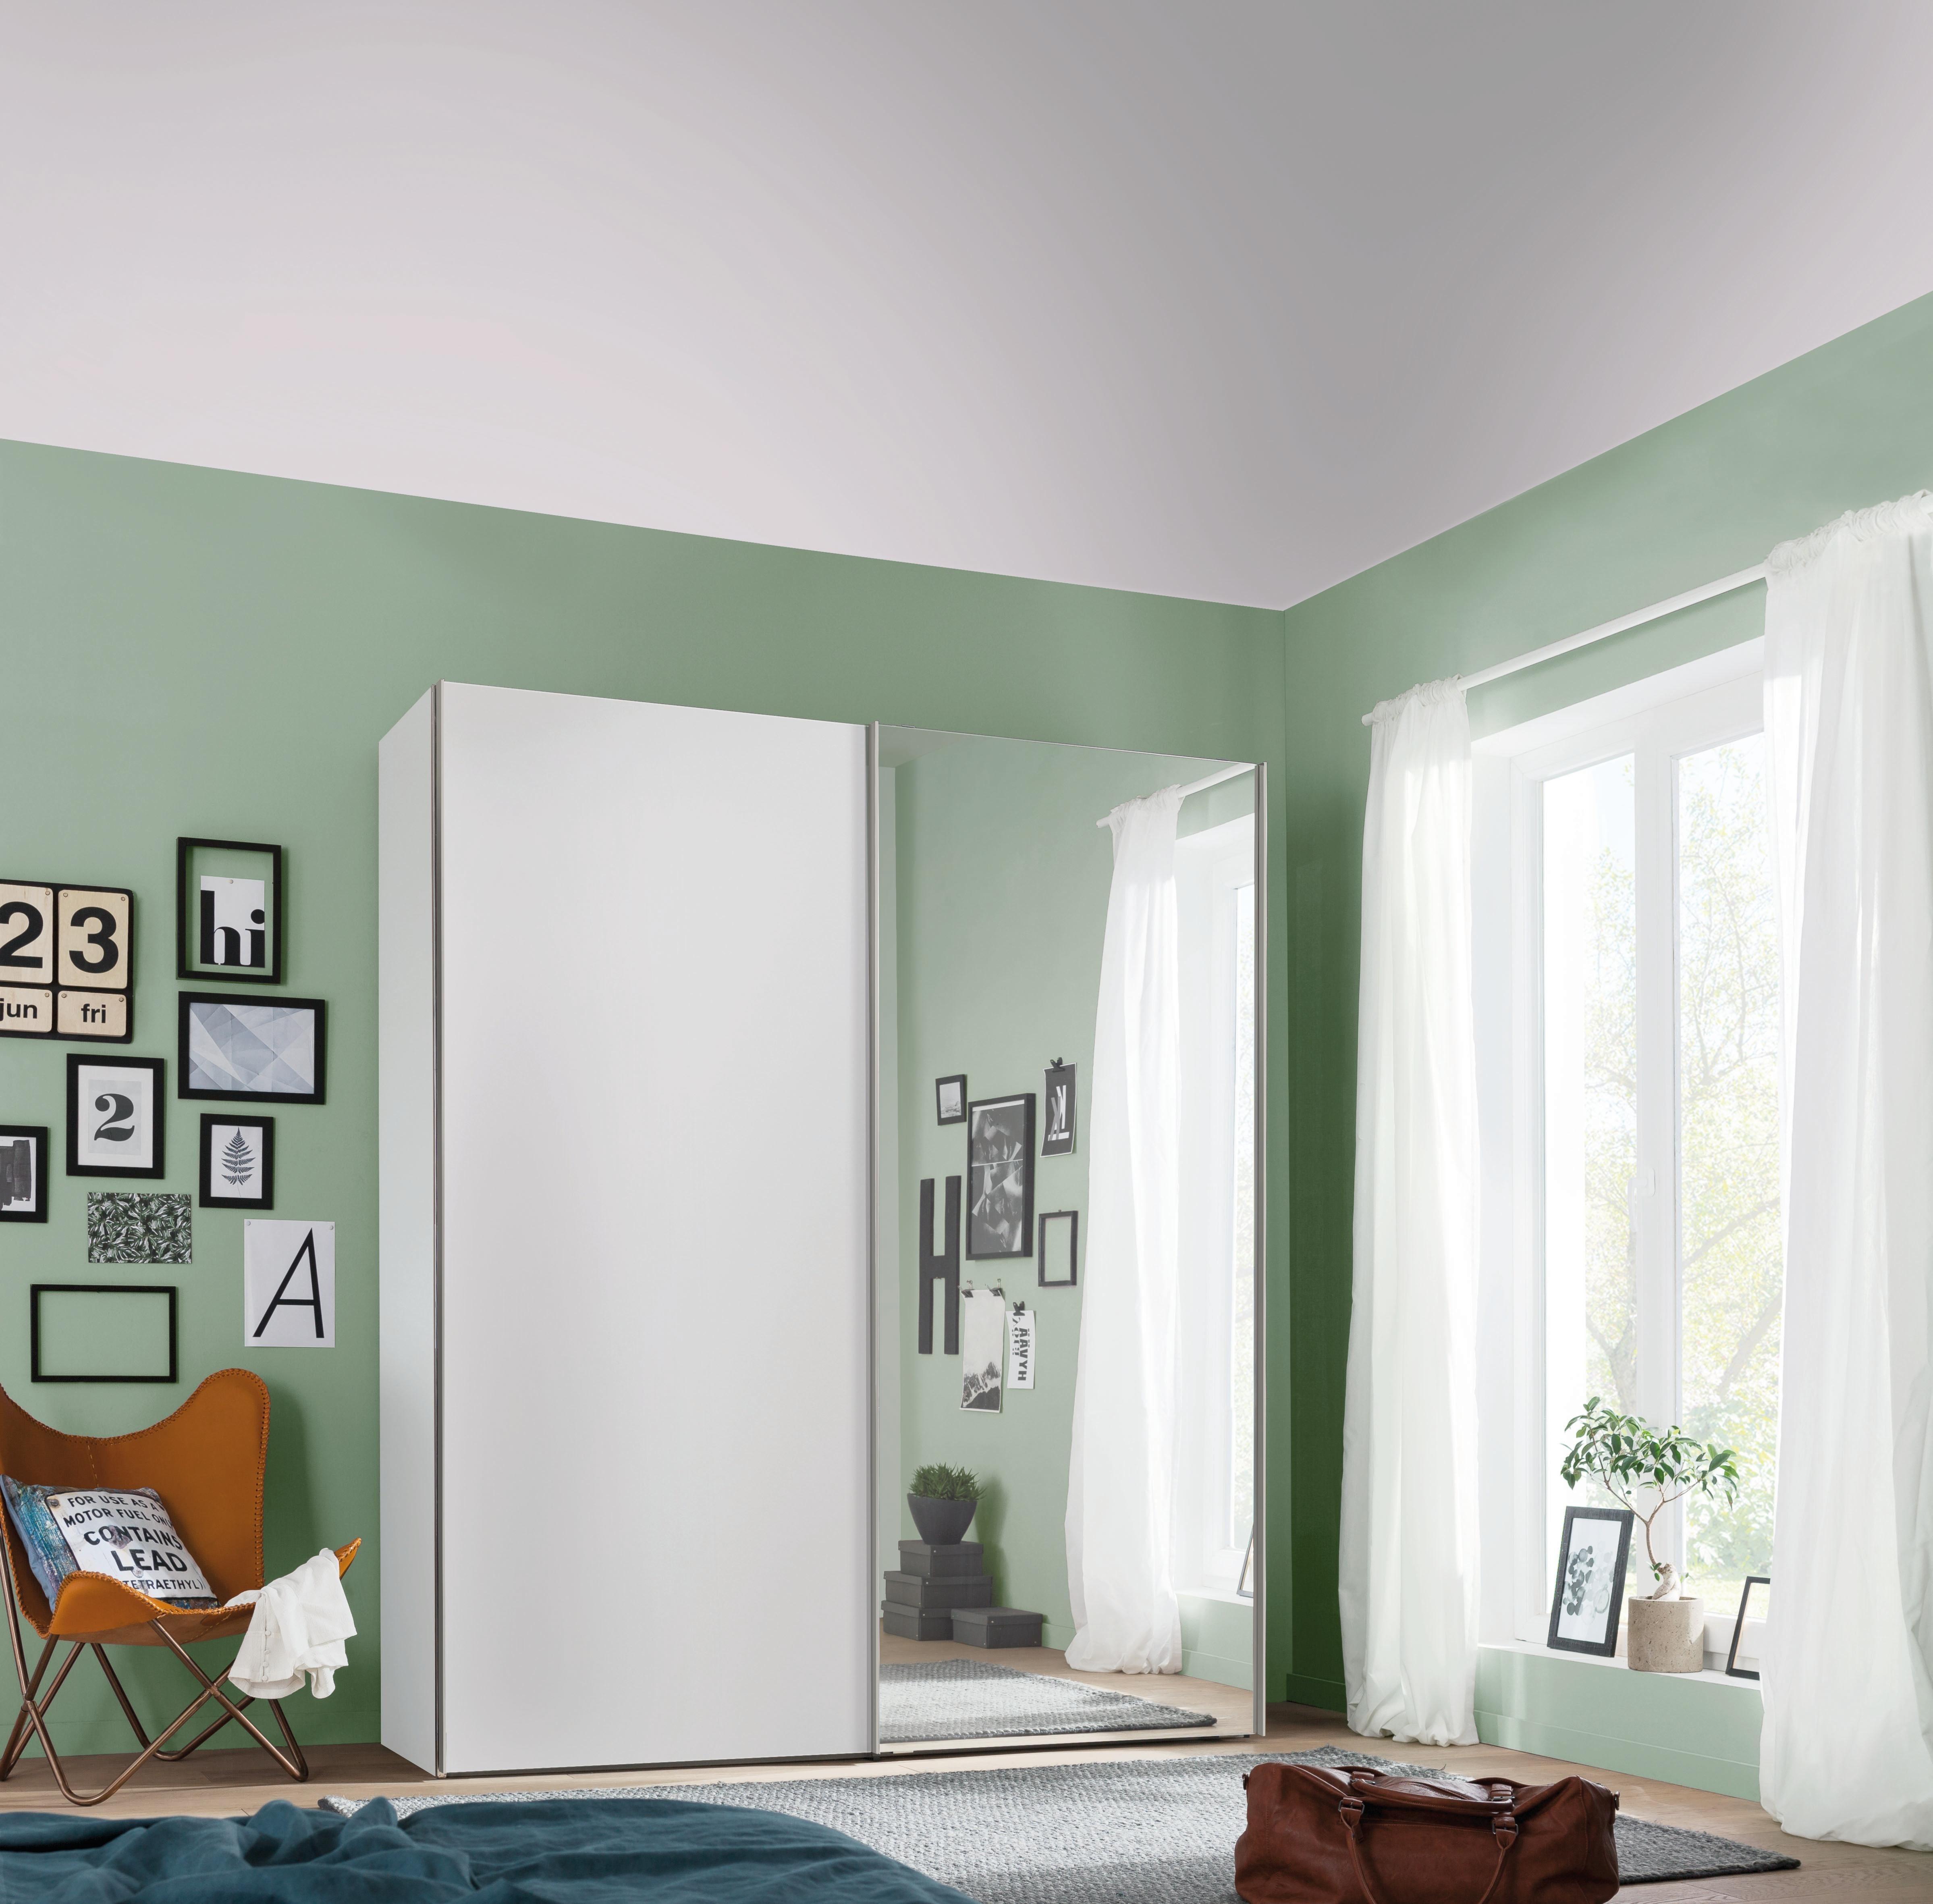 schwebeturenschrank design, schwebetürenschrank spiegel strass preisvergleich • die besten, Design ideen